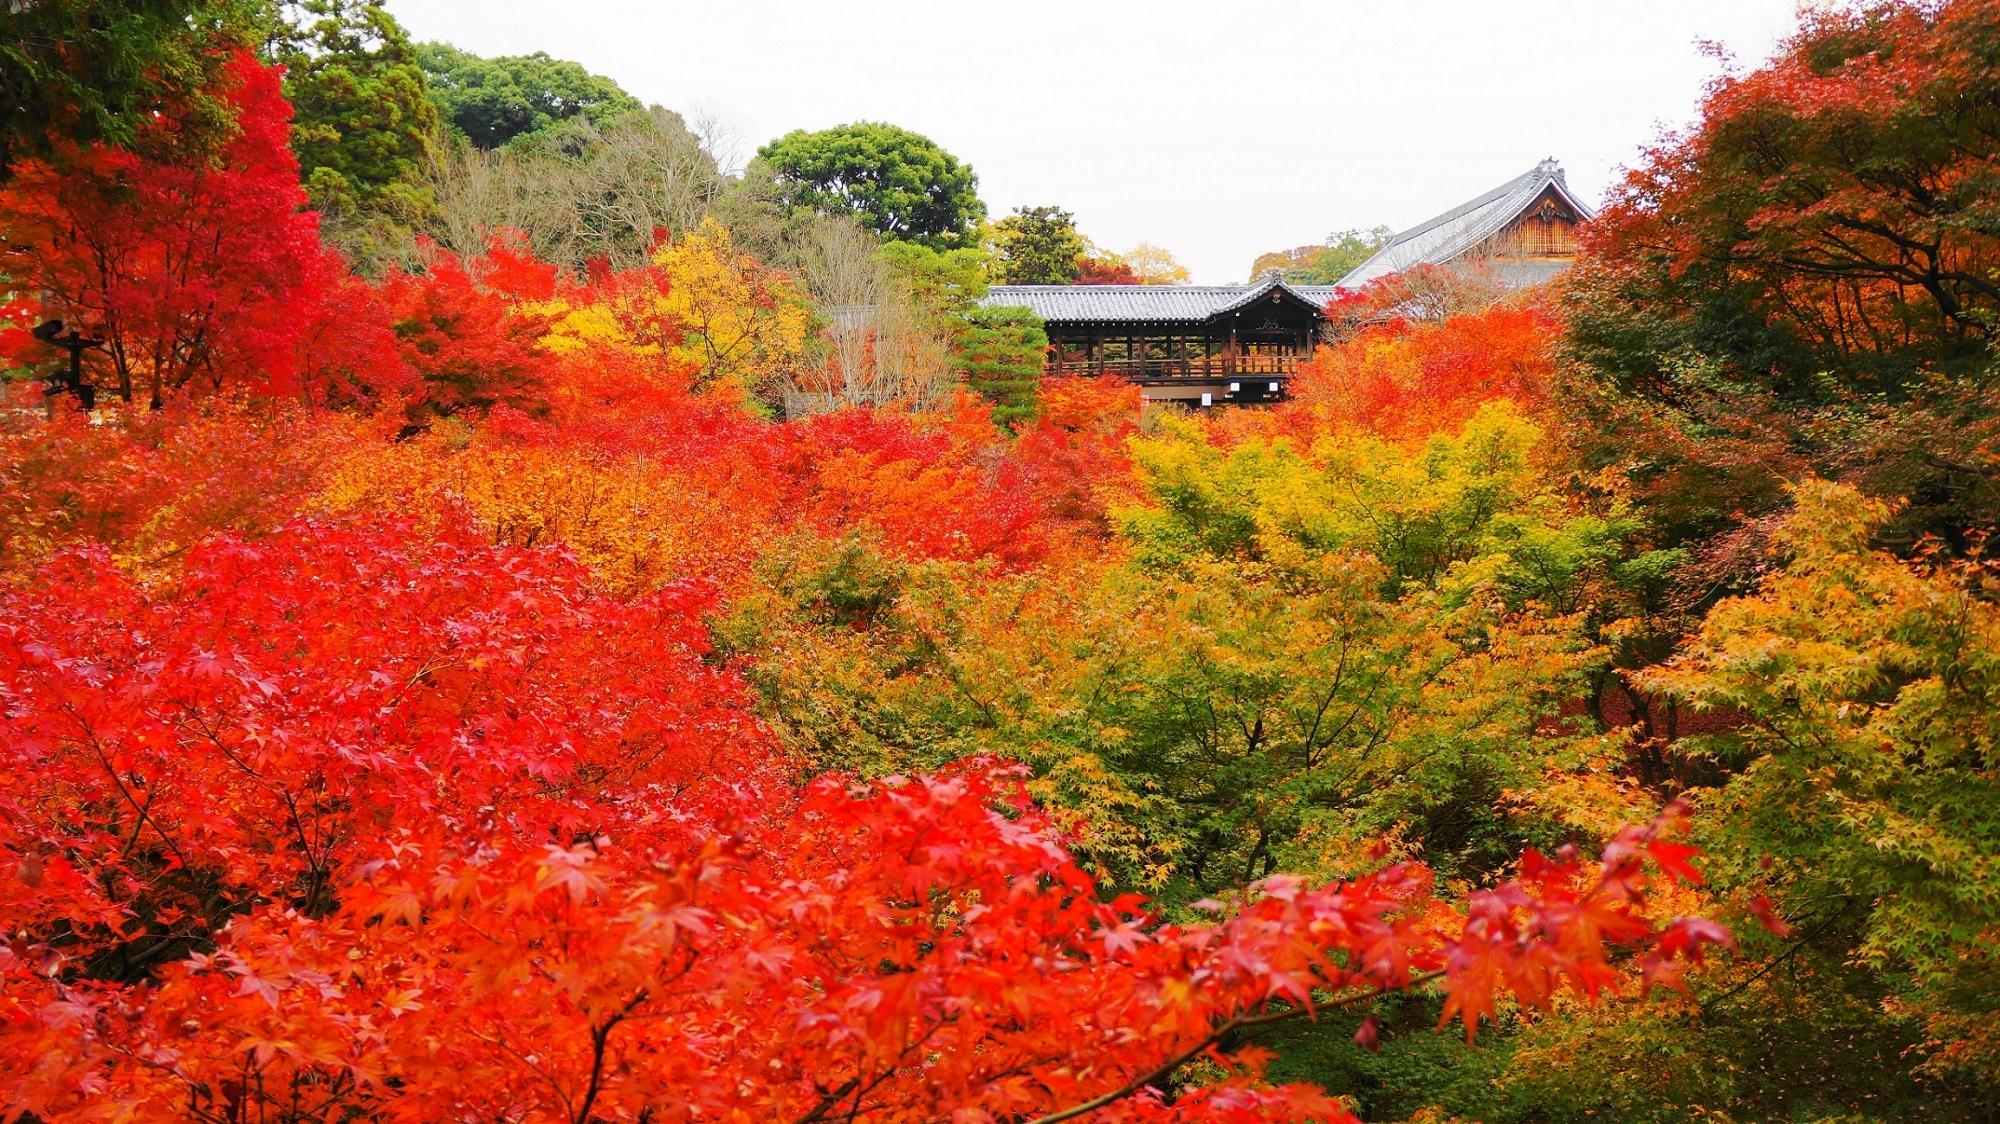 東福寺 紅葉 通天台から眺めた紅葉名所